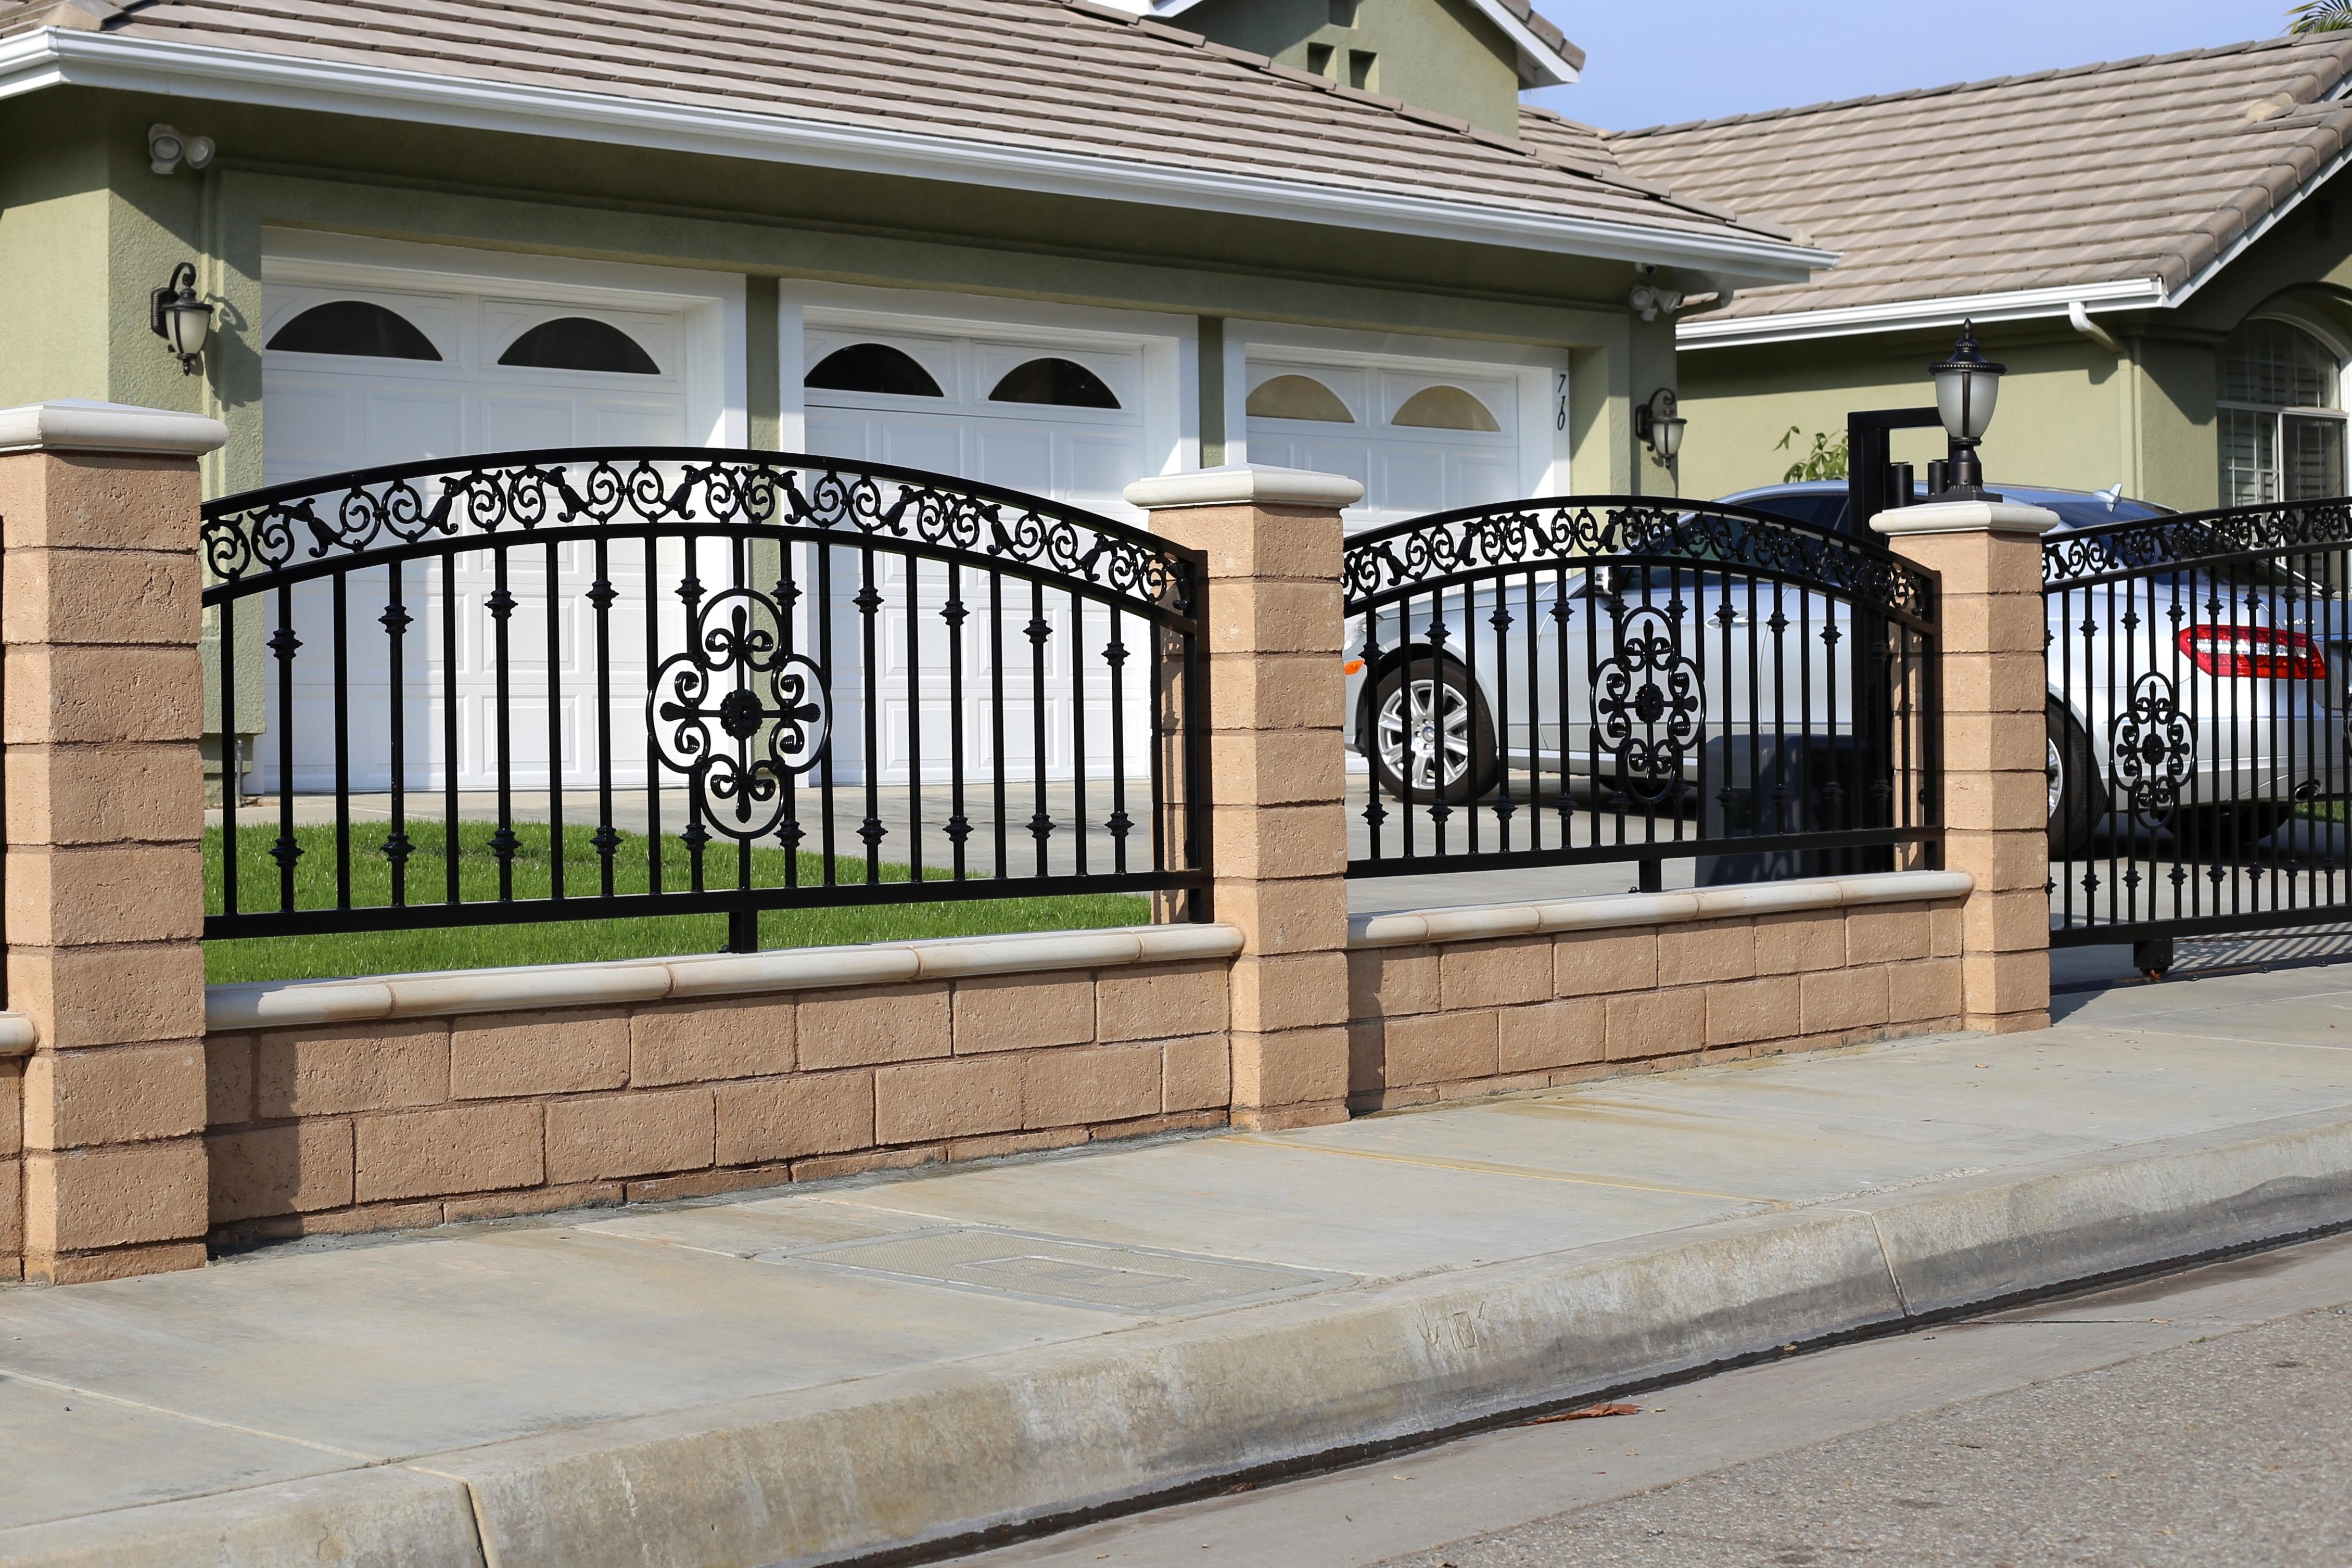 Recinzioni in ferro recinzioni recinzioni ferro for Cancelli da giardino